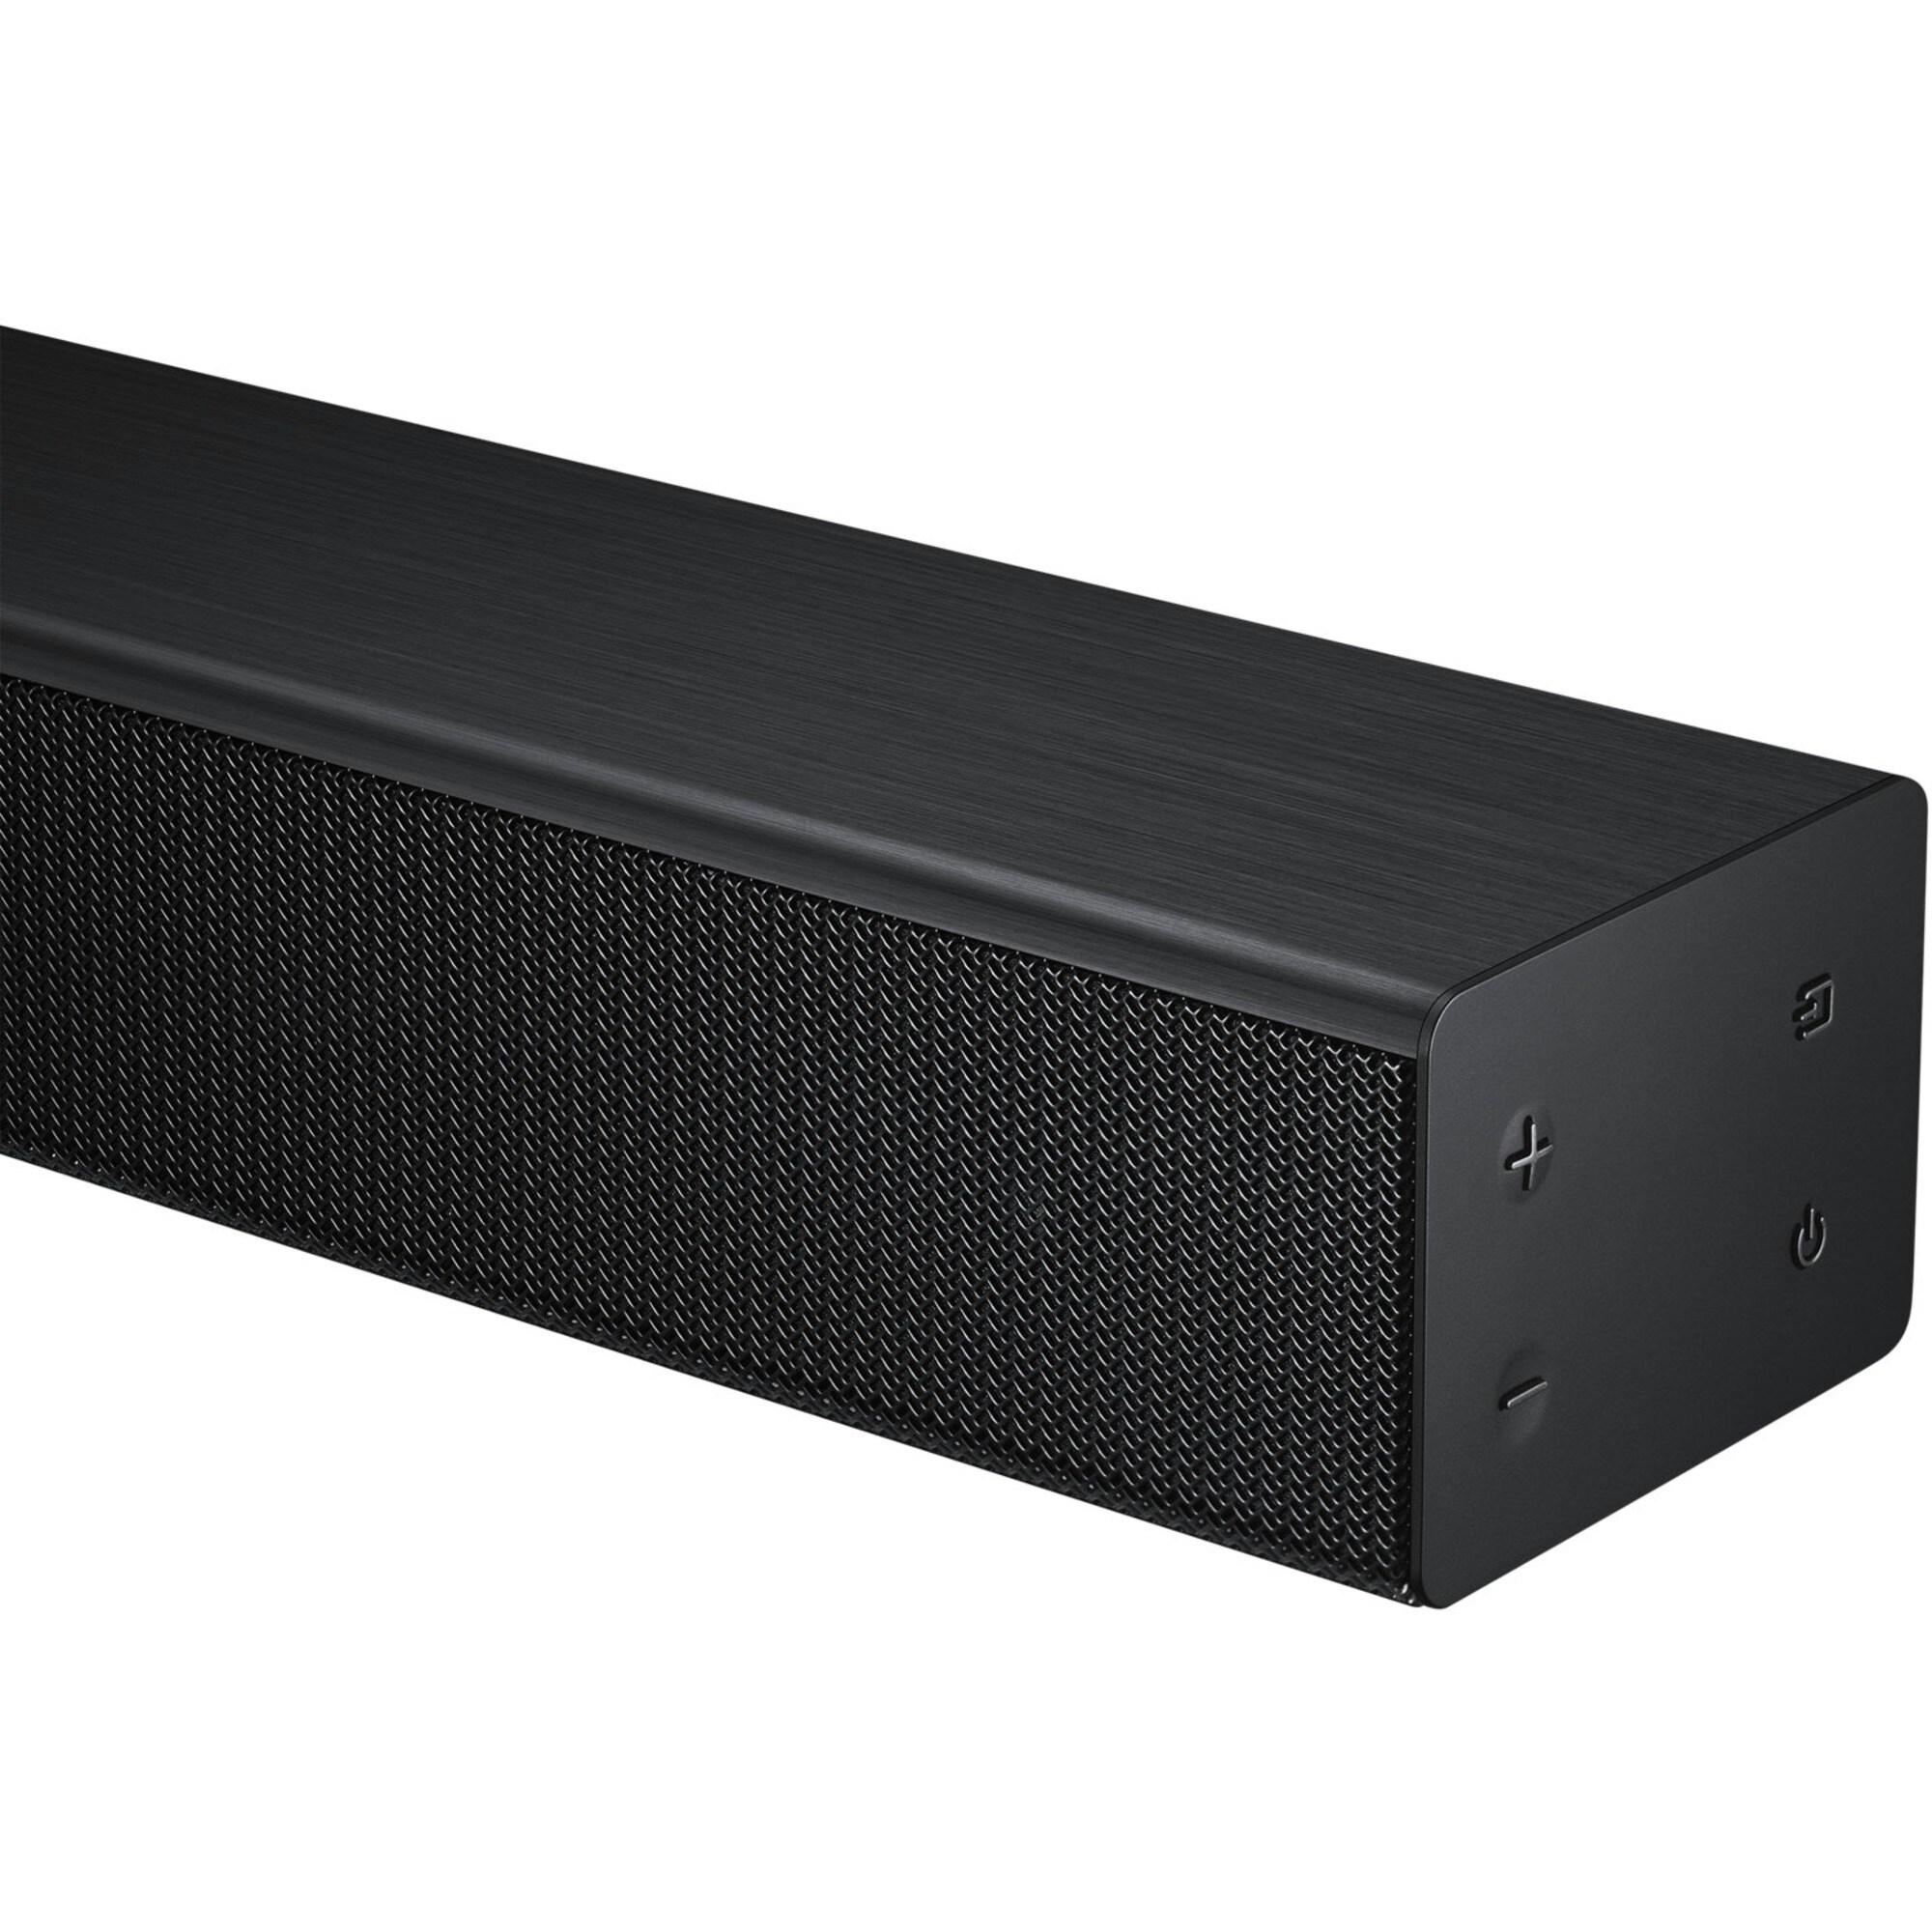 Samsung Lautsprecher HW-N400/ZG